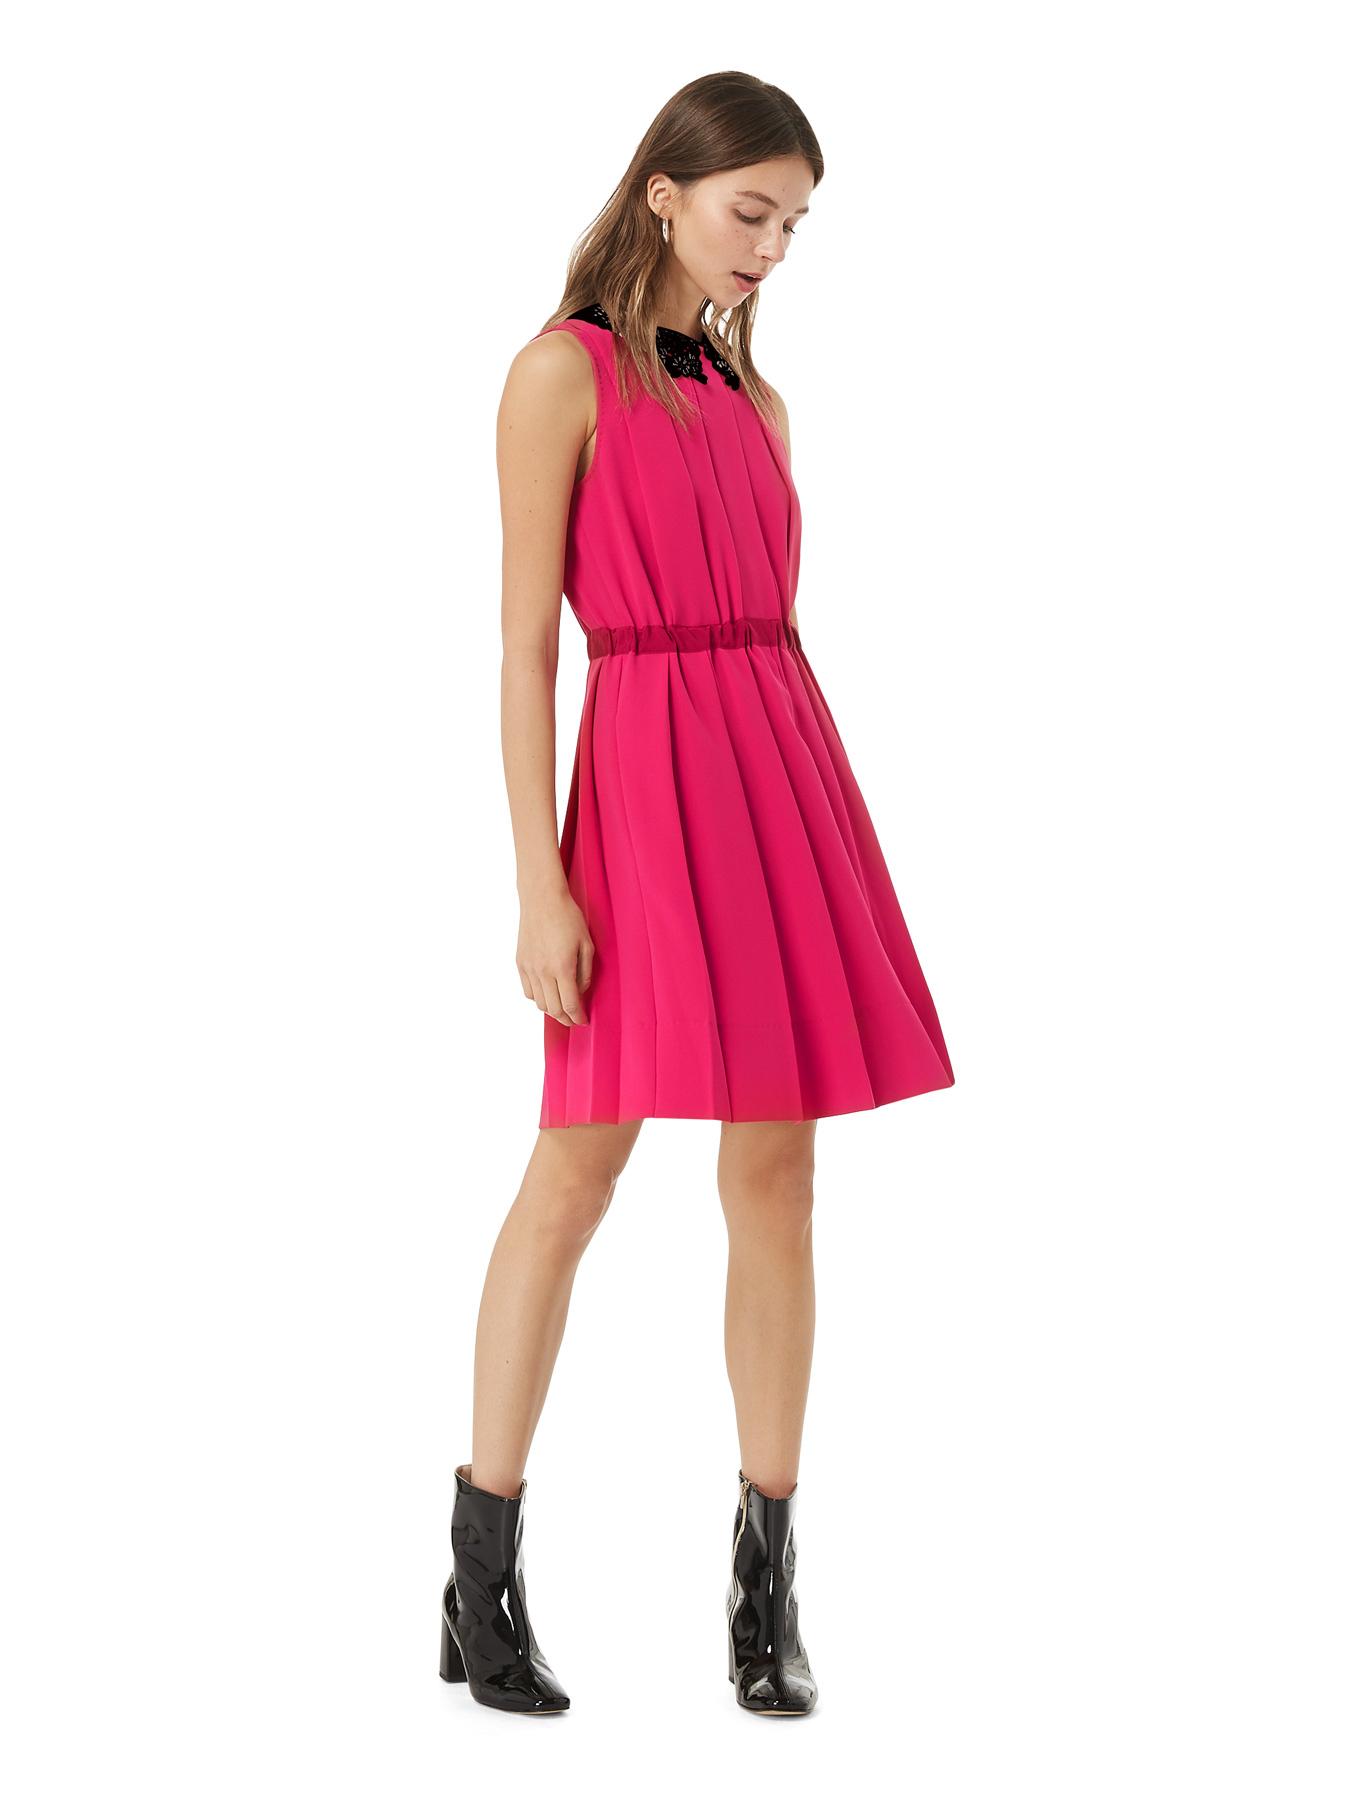 Pleated Dress Fuchsia Iblues Gina Magenta Blazer